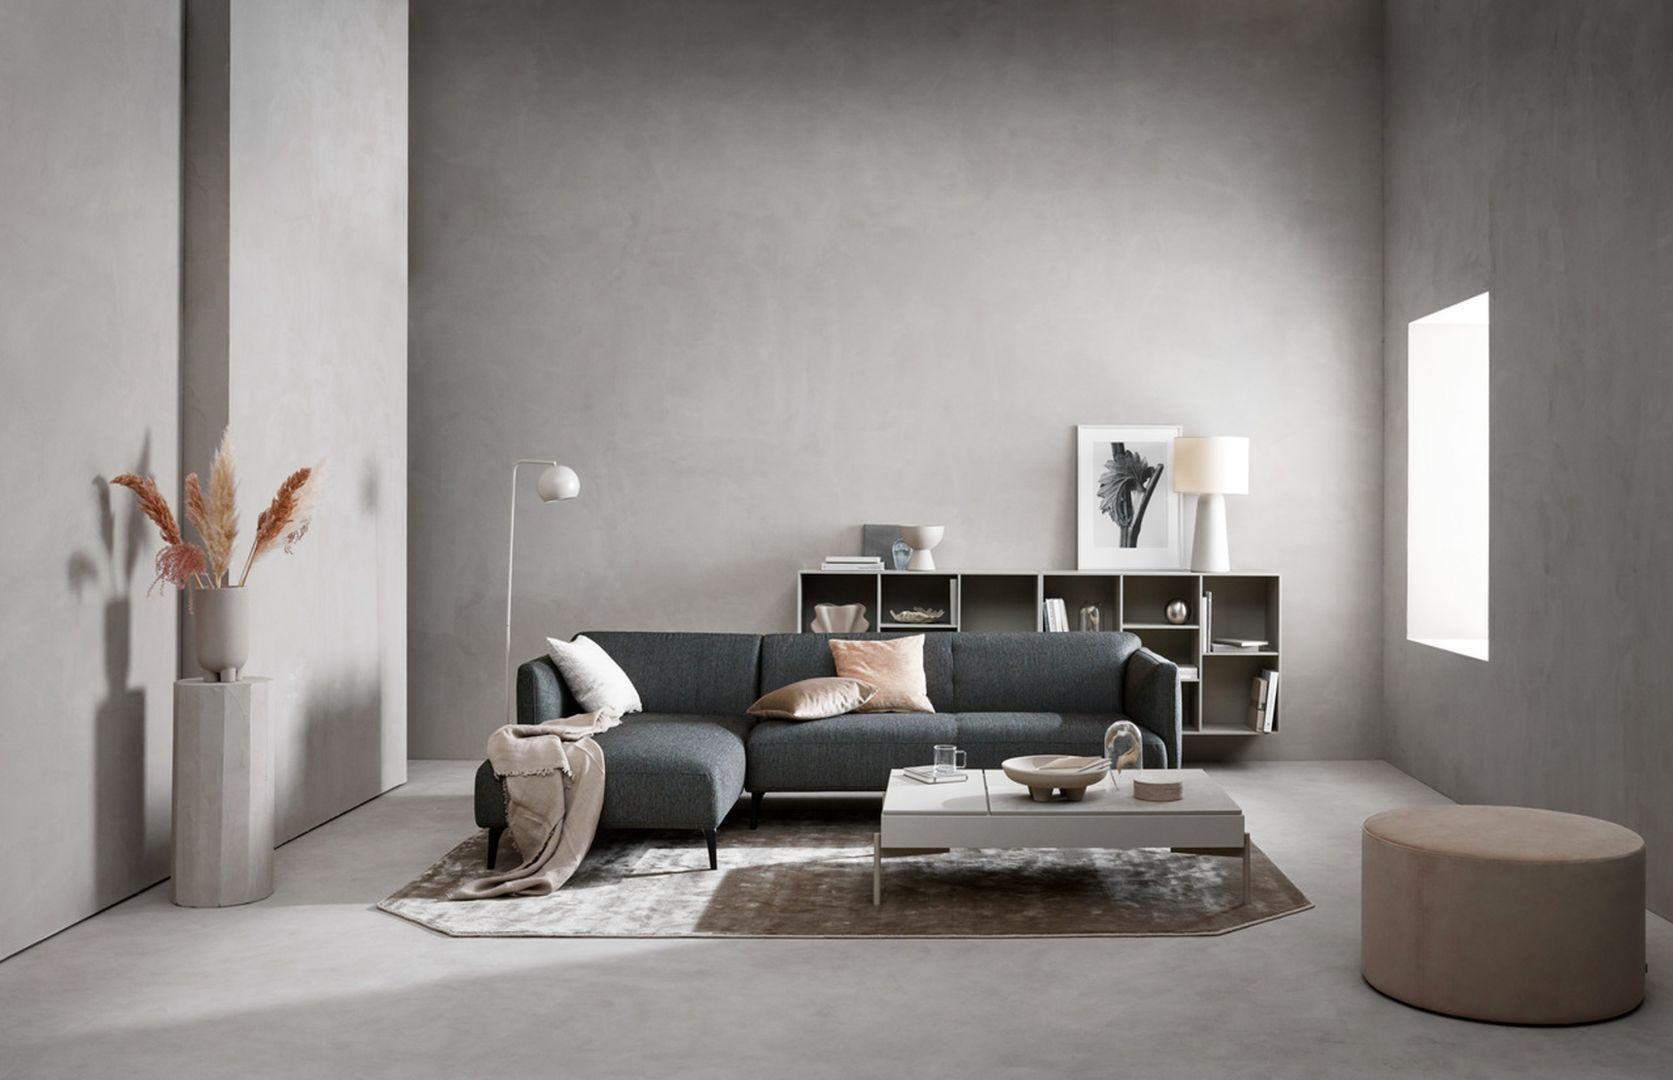 Tym, co łączy skandynawskie oraz japońskie wzornictwo, jest zamiłowanie do naturalnych materiałów, prostoty oraz rzemiosła. Fot. BoConcept